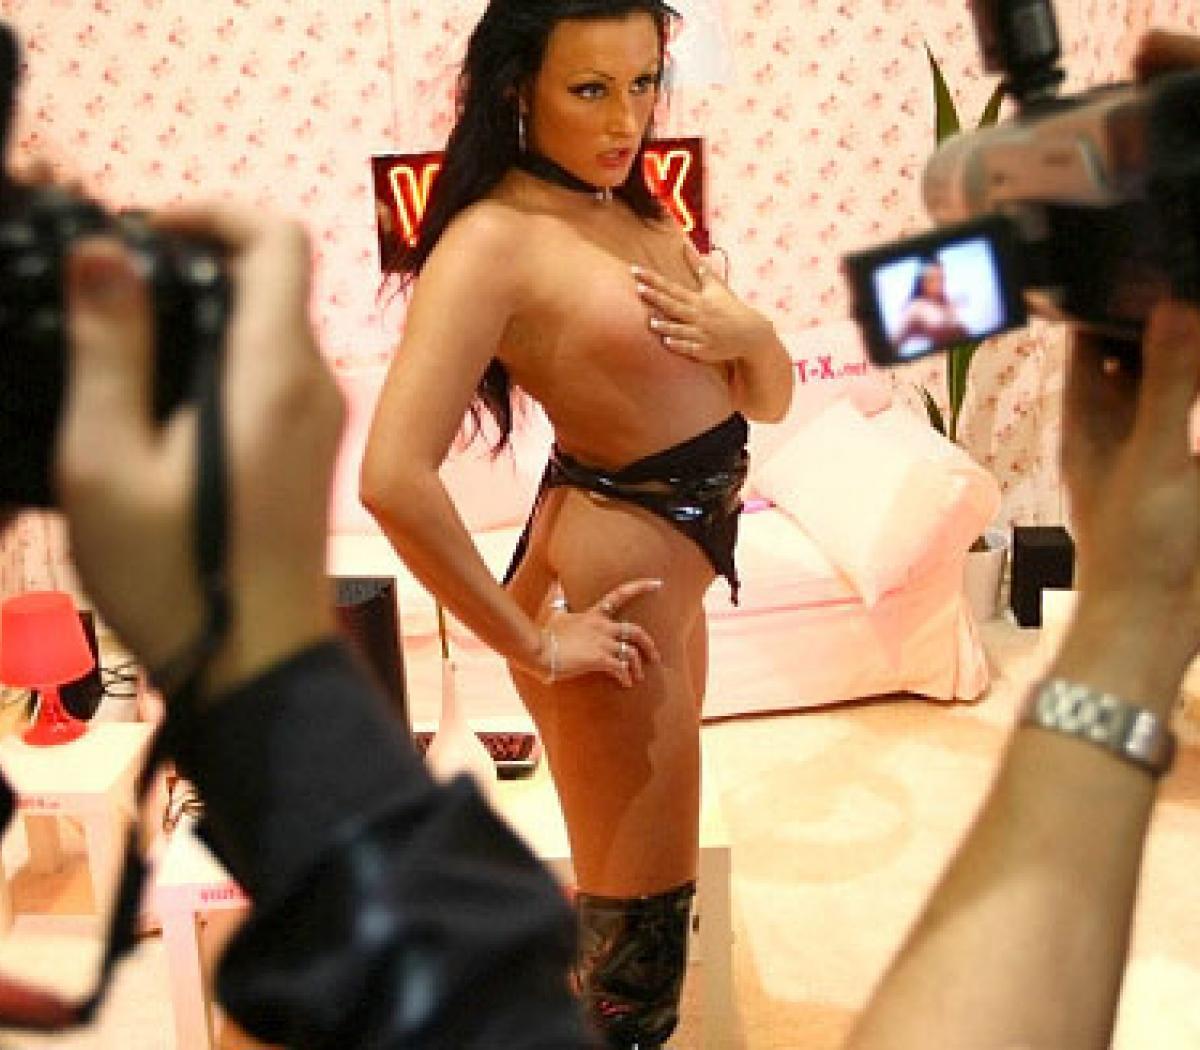 Argentina Pelicula Porno un casting porno convocó a 250 personas en mendoza